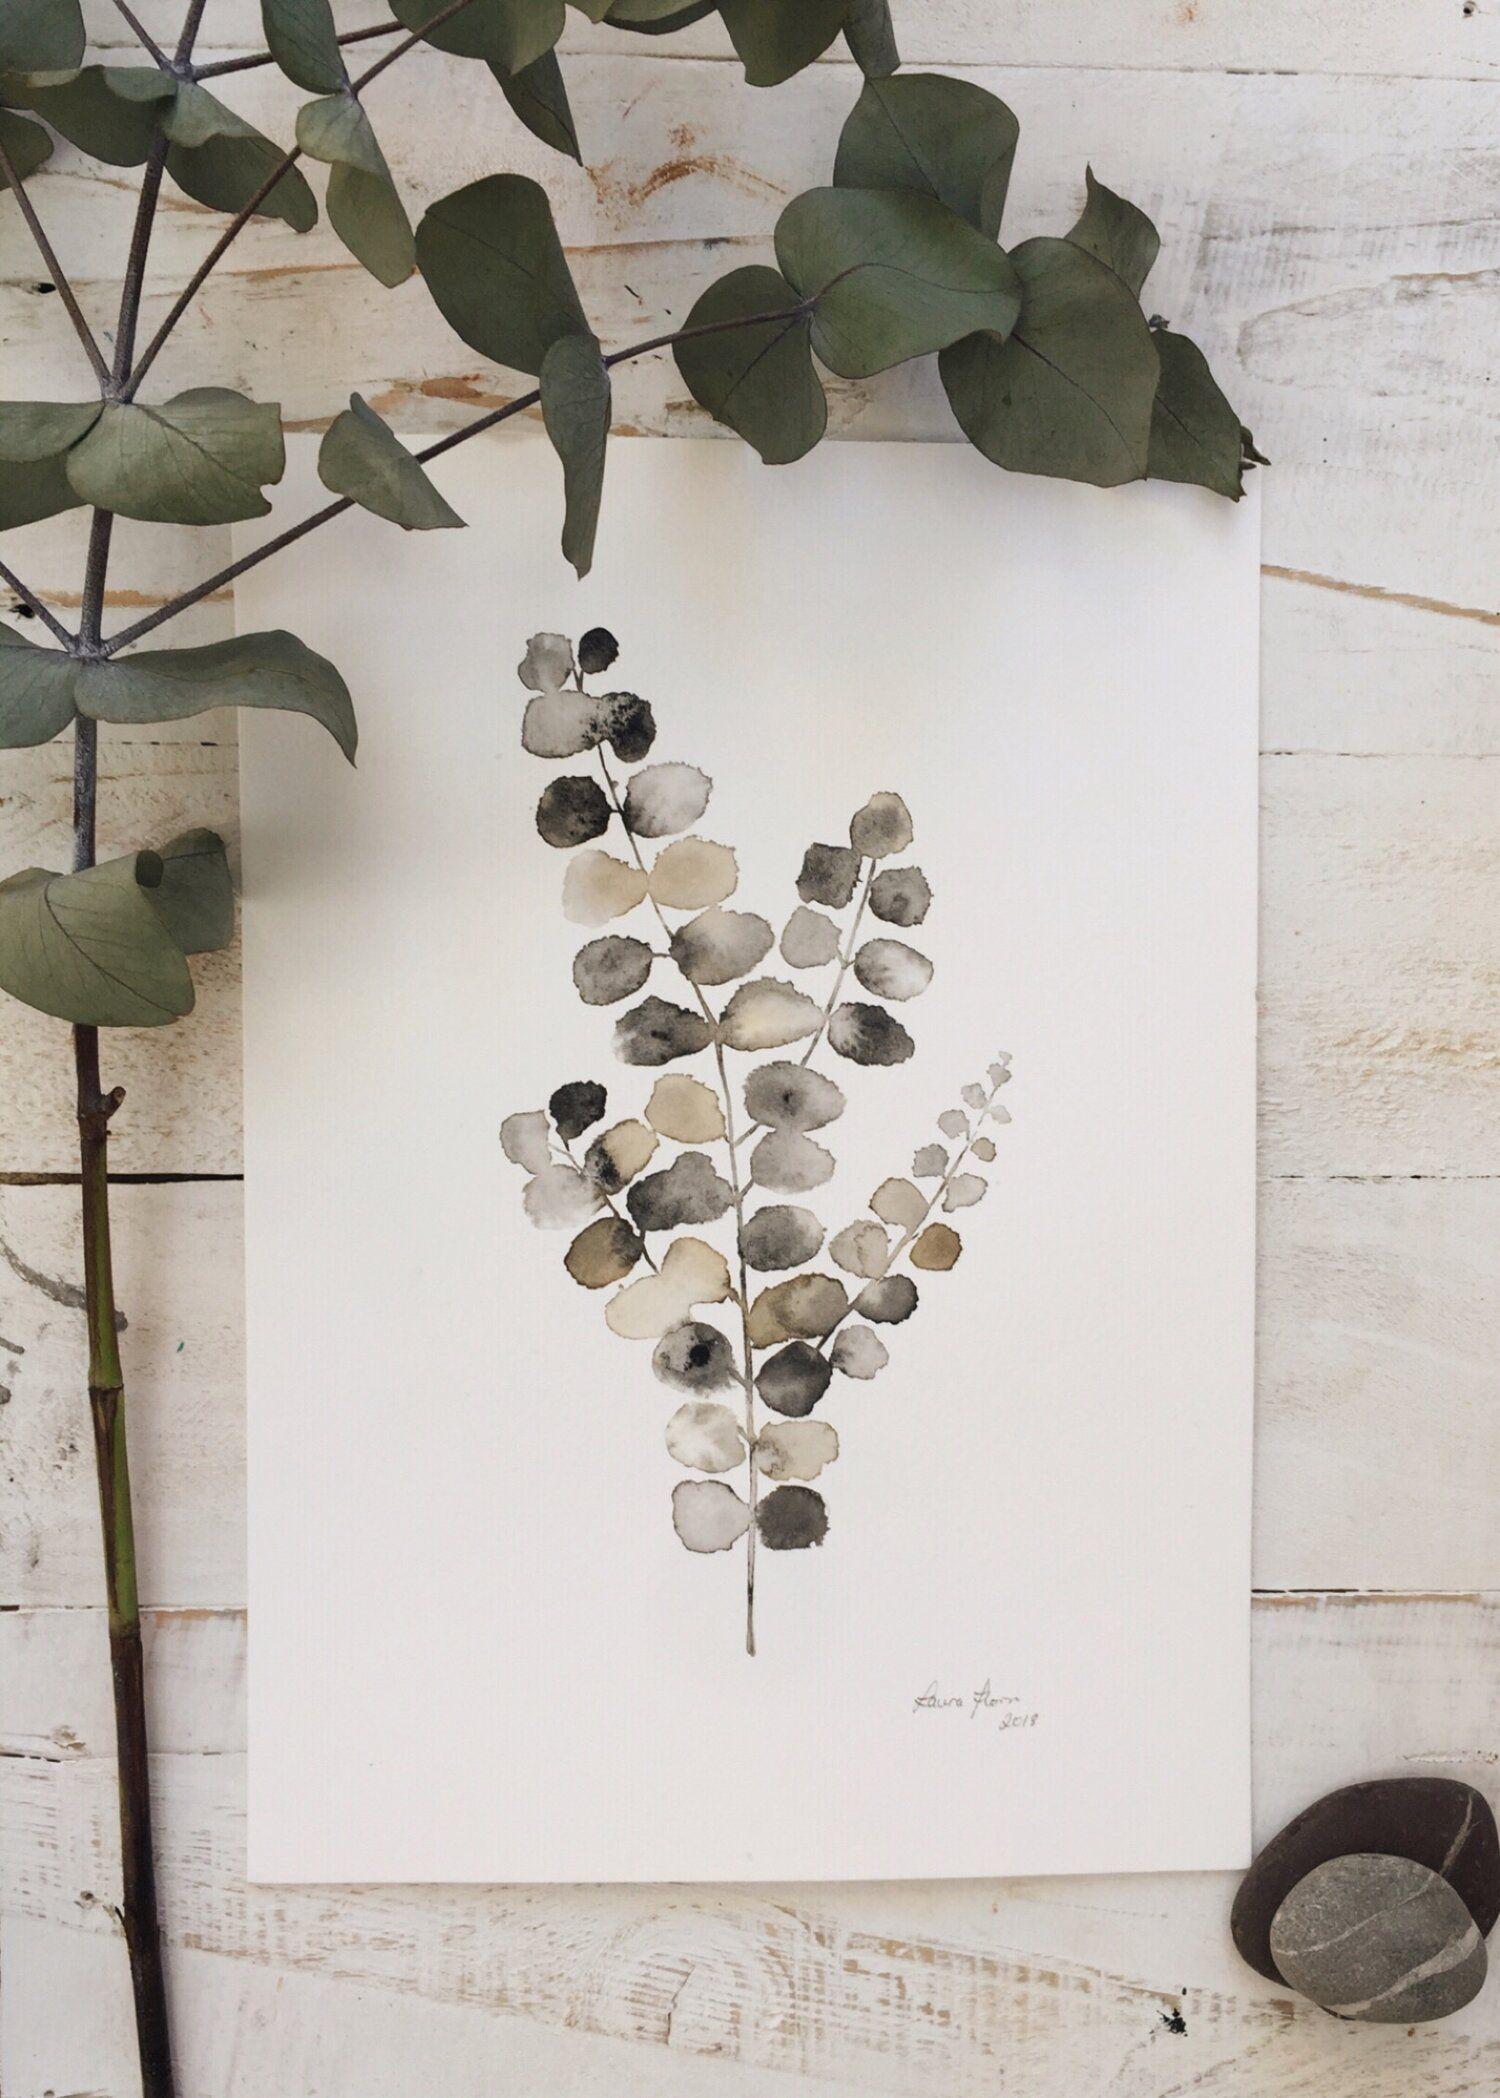 5 Ways to Simplify Your Art Practice — LAURA HORN ART